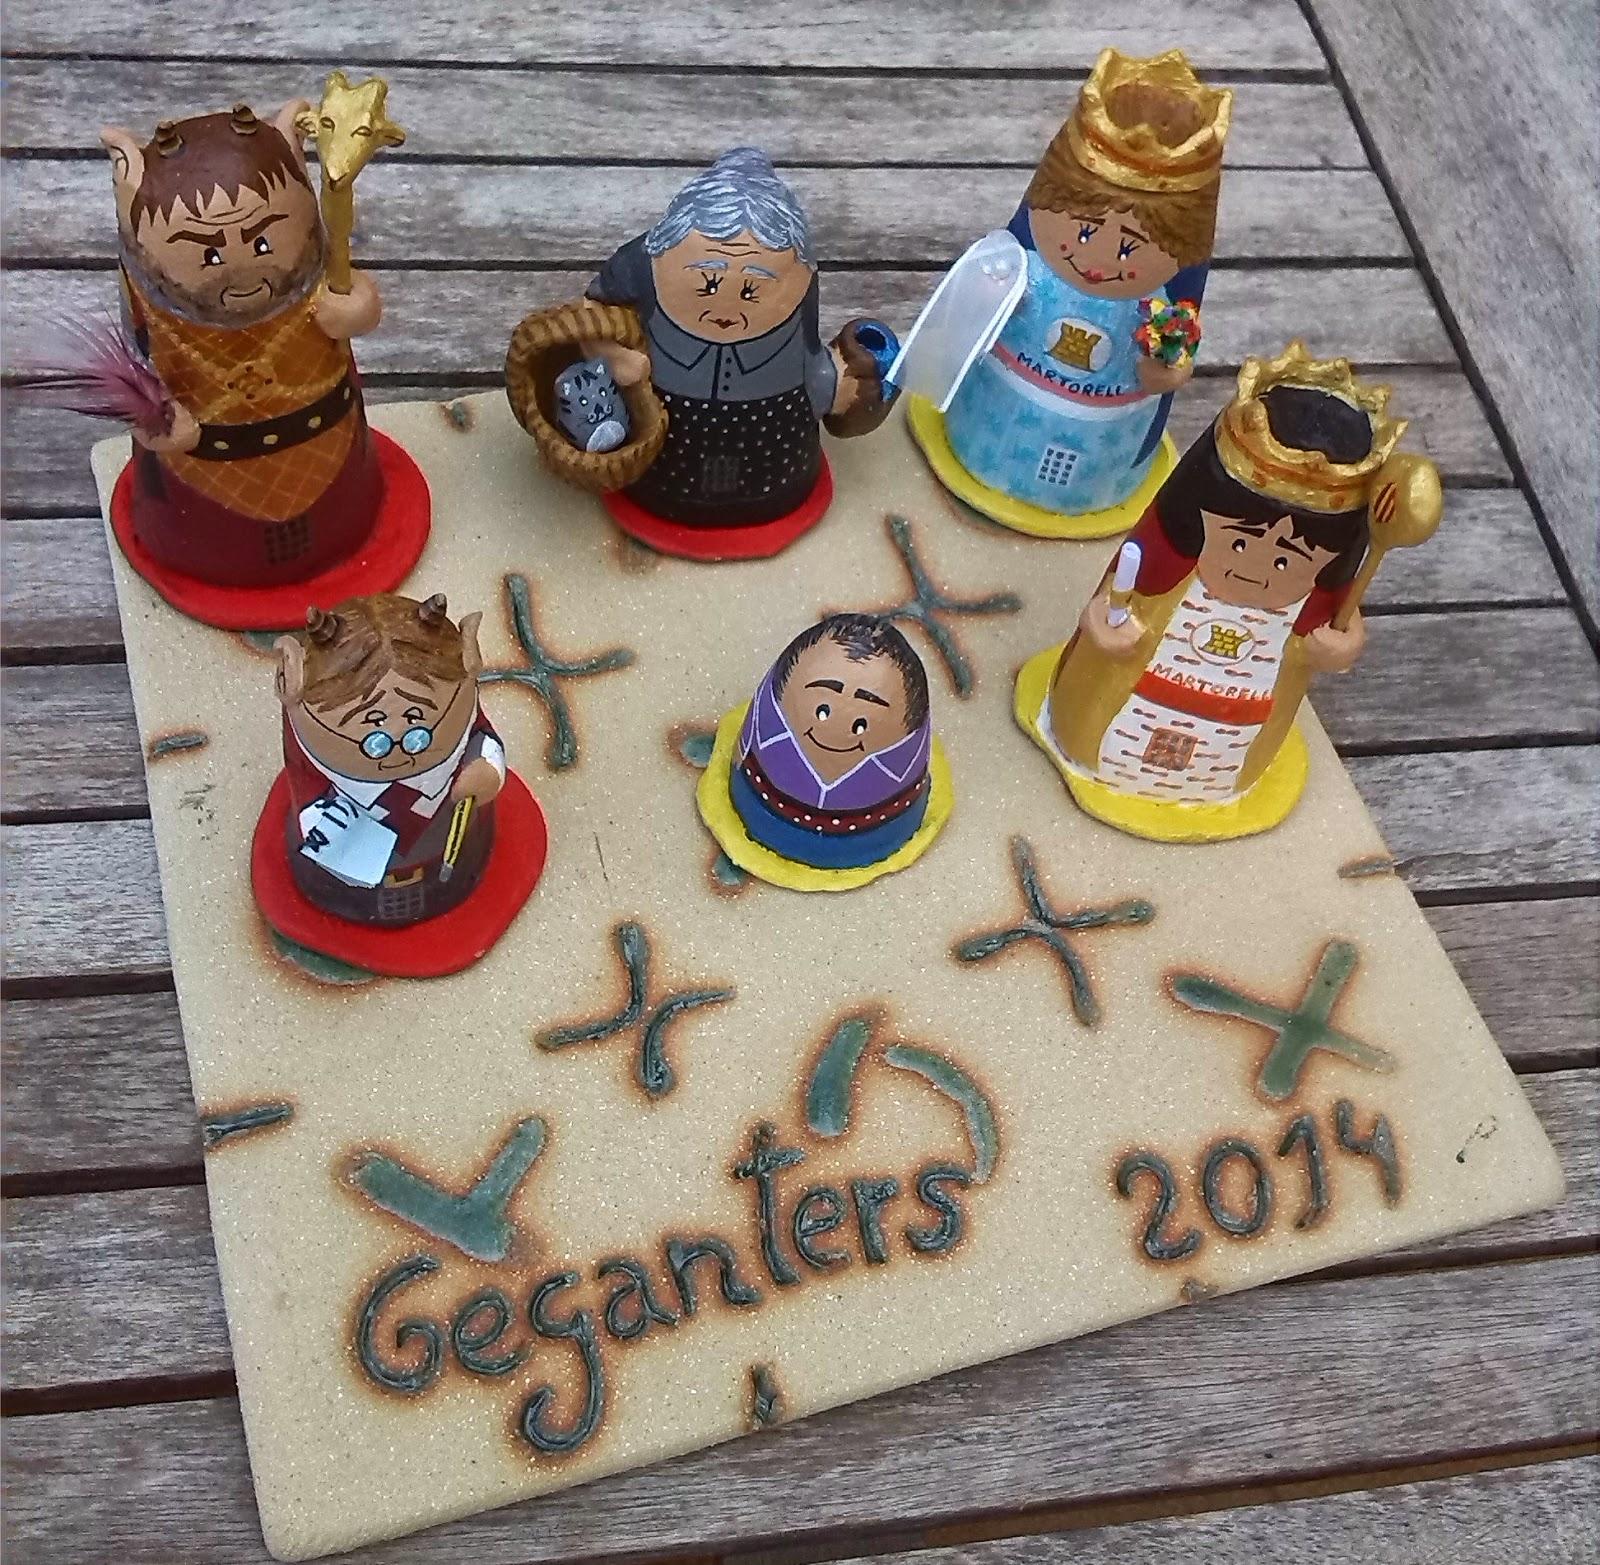 tres en raya personalizado, tres en raya originales, tres en raya, tres en raya en cerámica, tres en raya artesanales